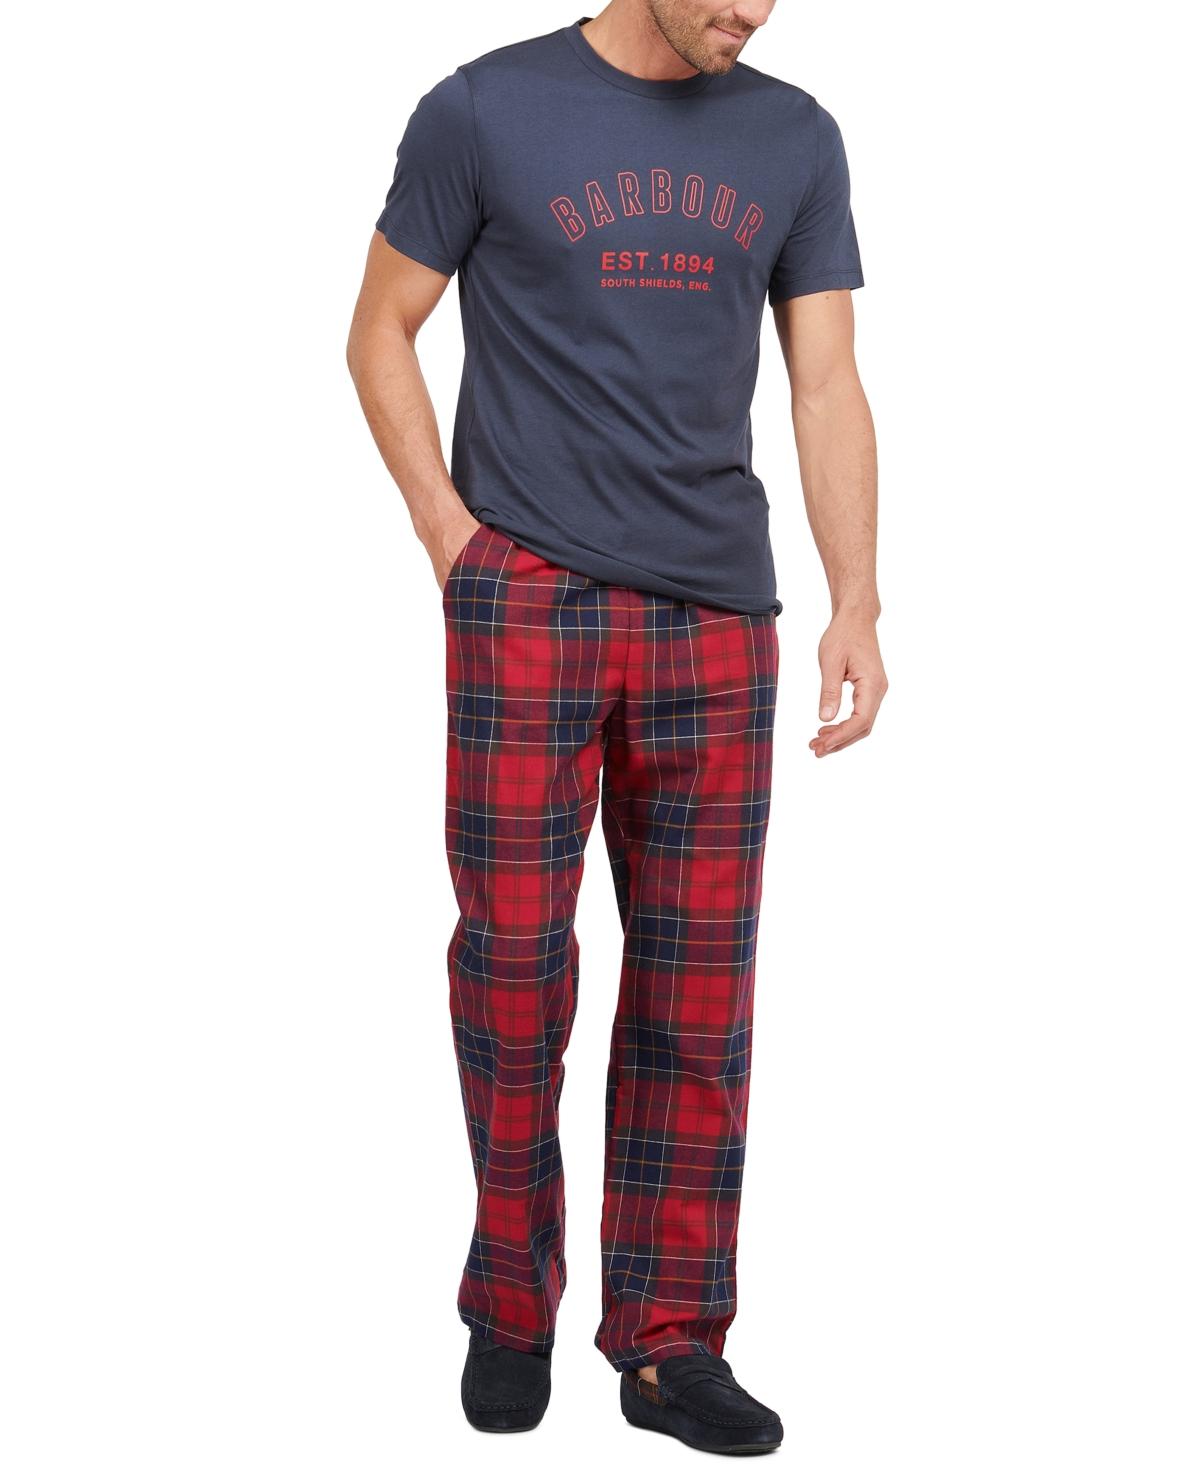 Barbour Men's Glenn Tartan Trousers